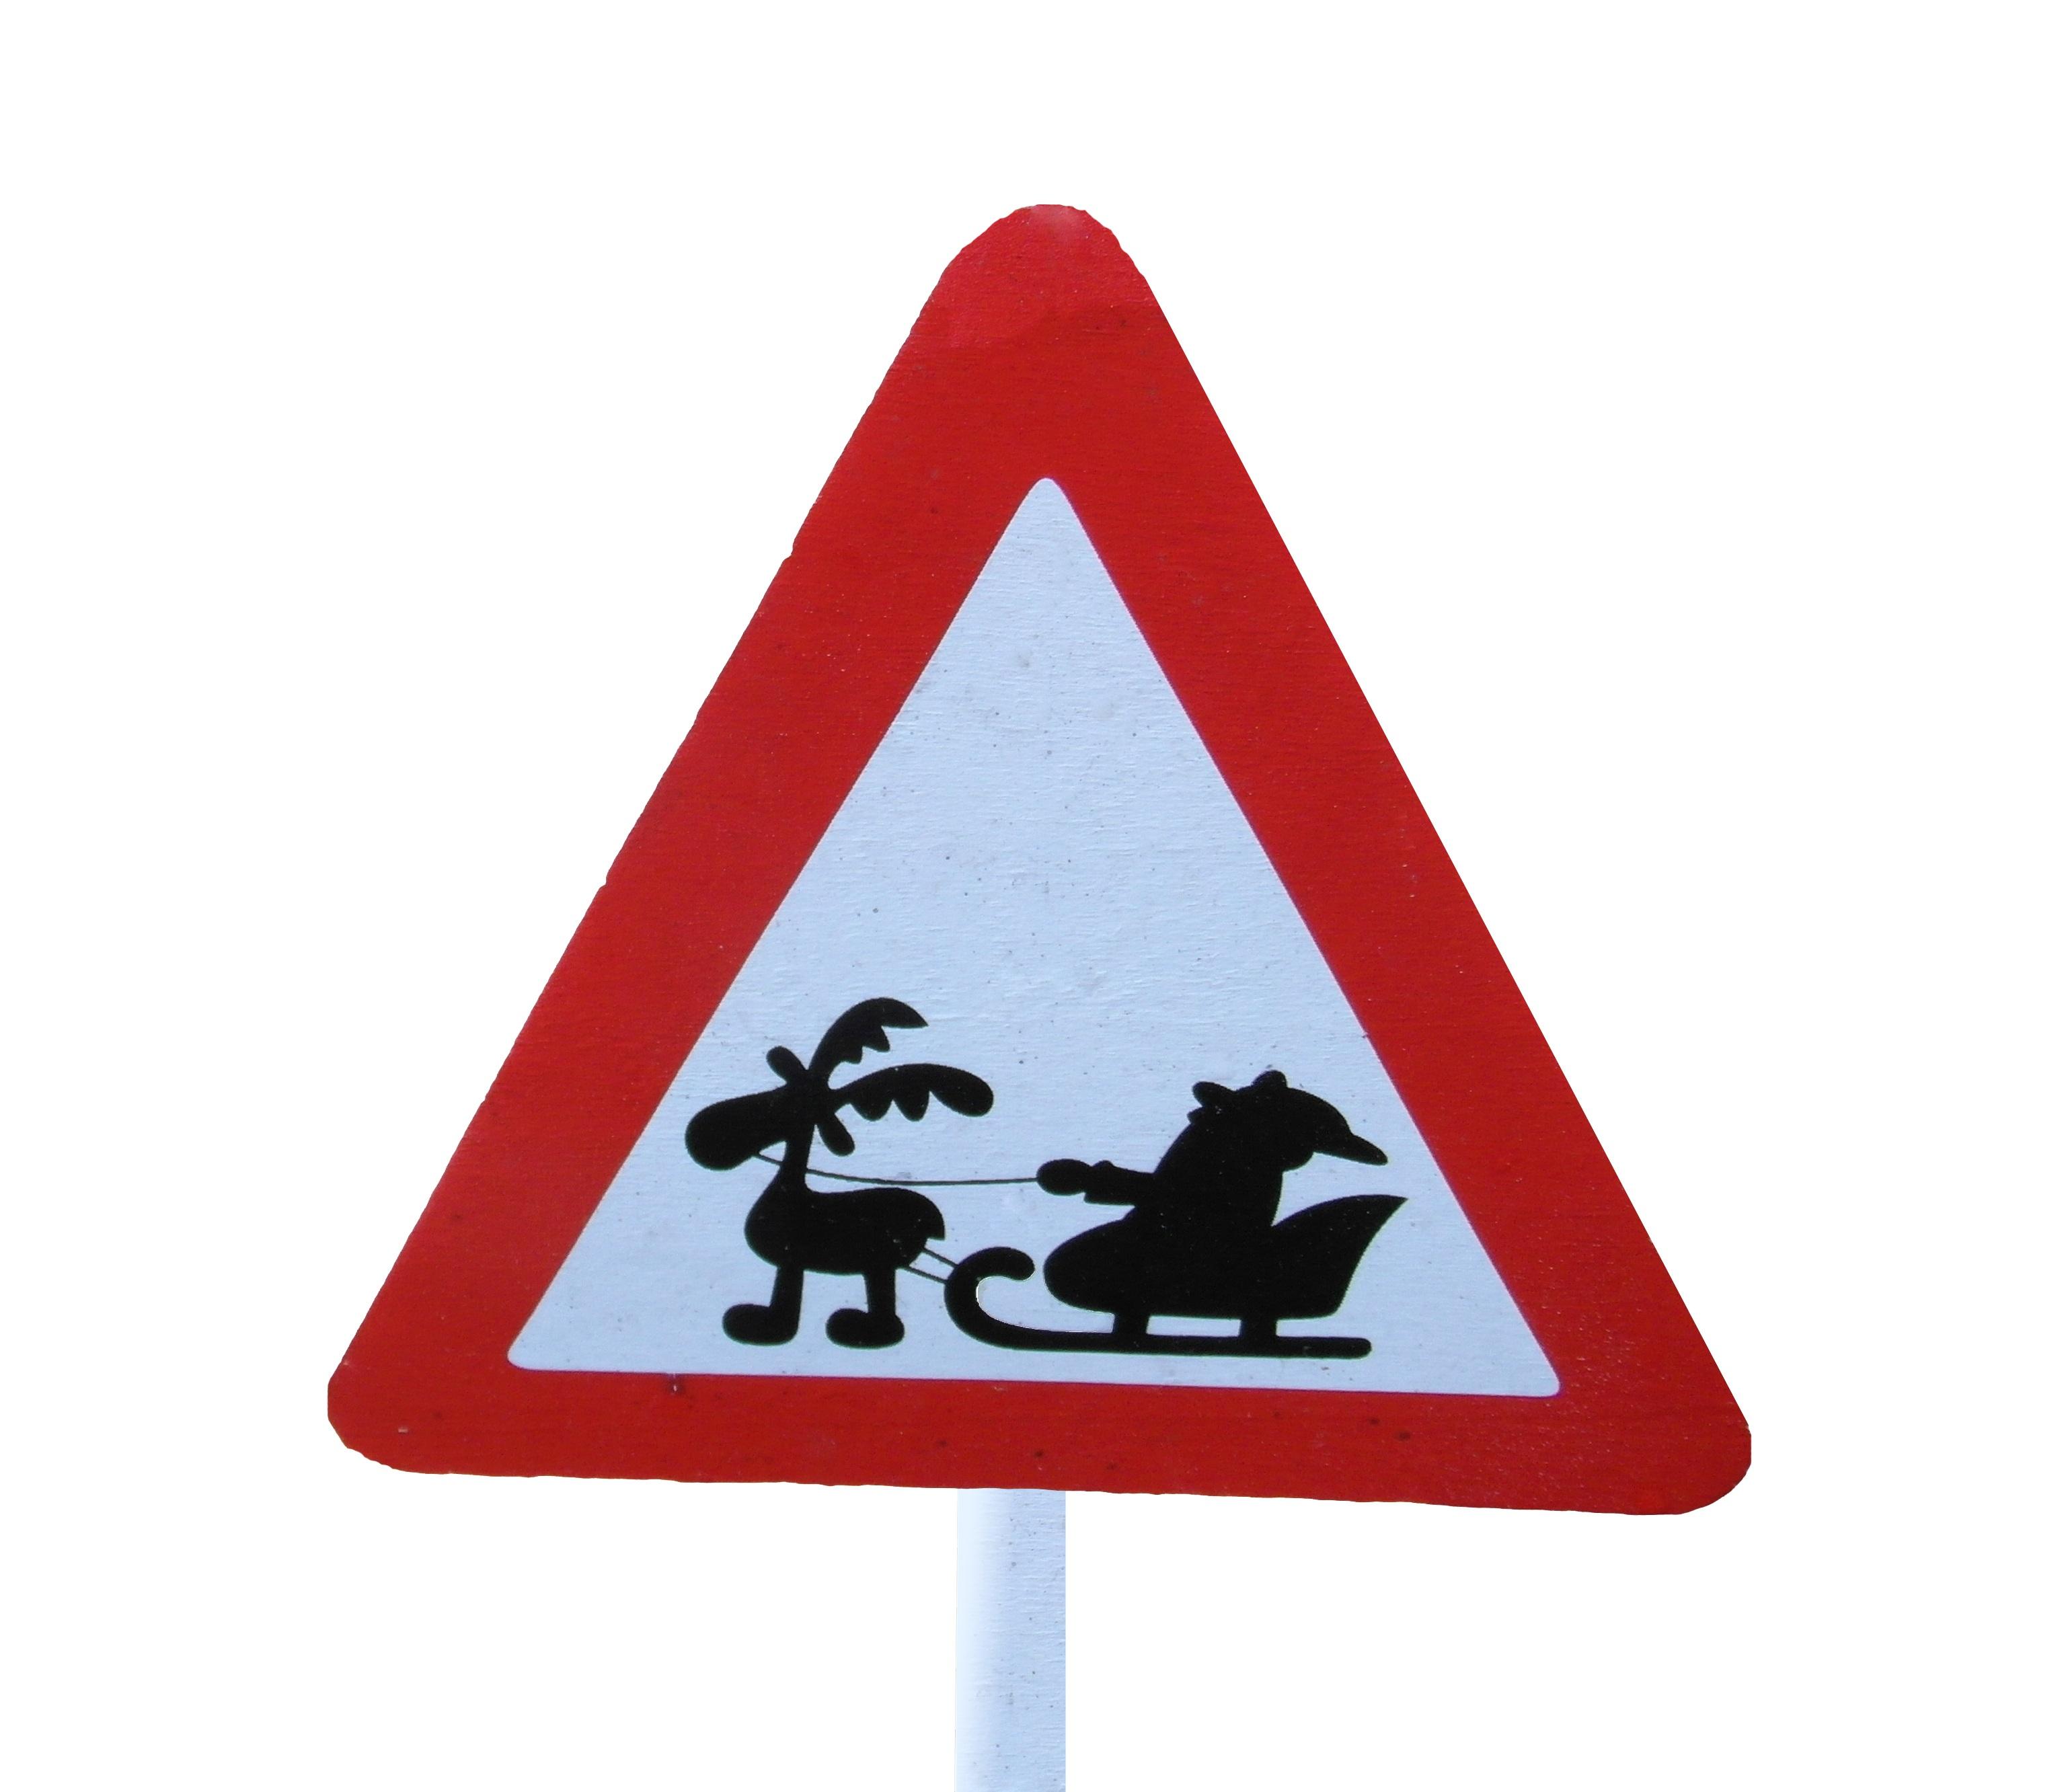 Приколы про дорожные знаки картинки, для подполковника